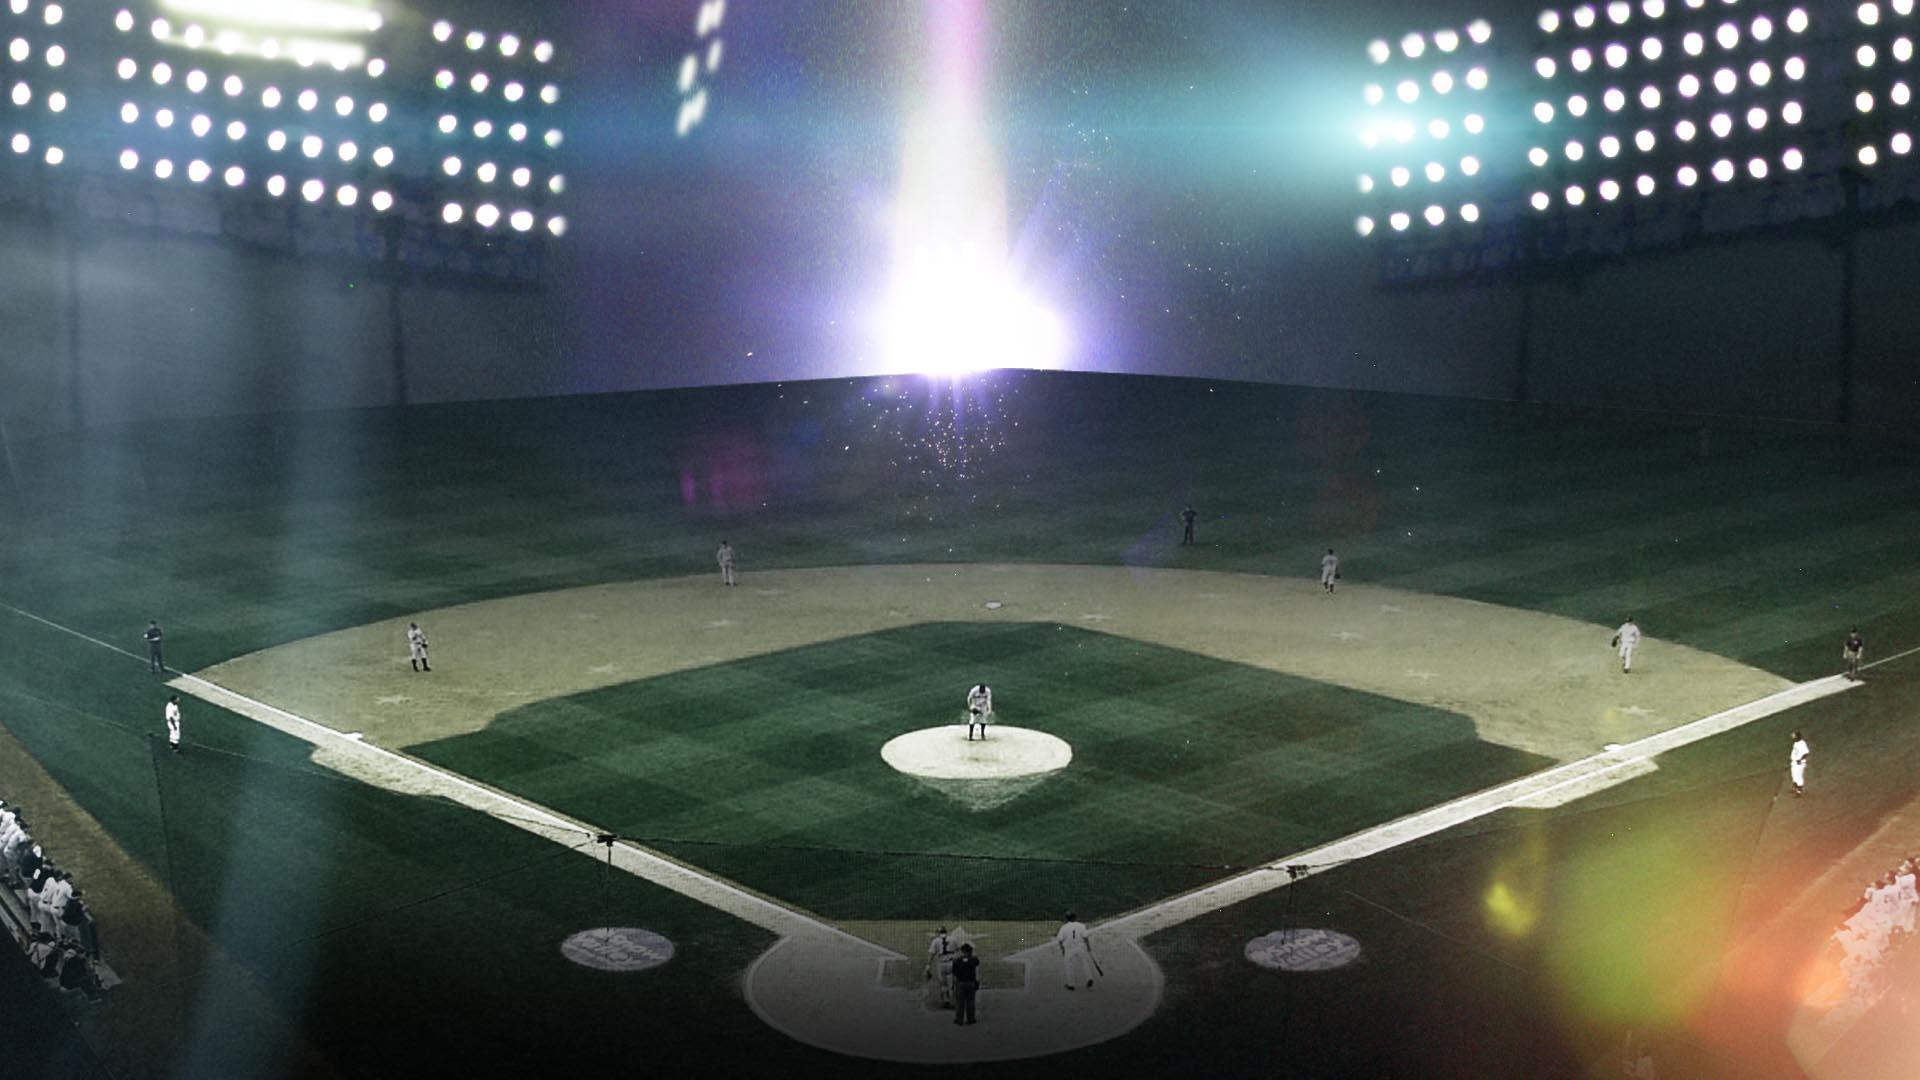 かっこいい野球場の画像フルHD壁紙